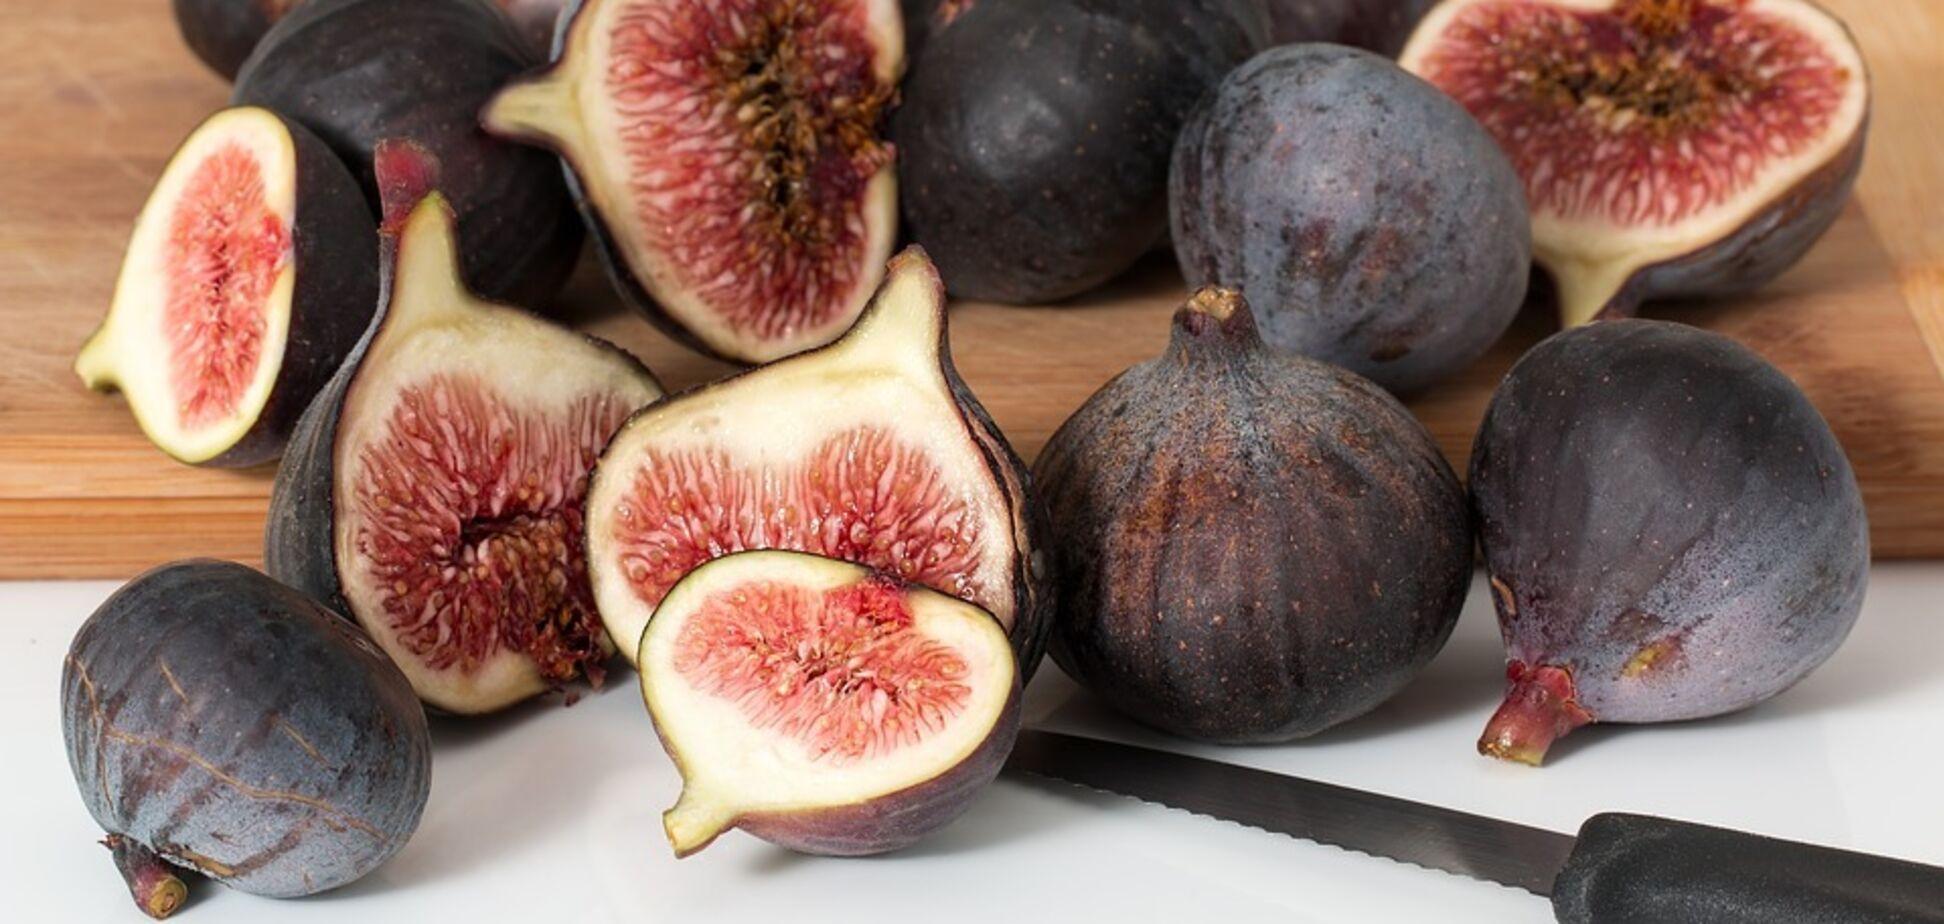 Інжир прикрасить будь-яку страву – екзотичні поєднання фрукта